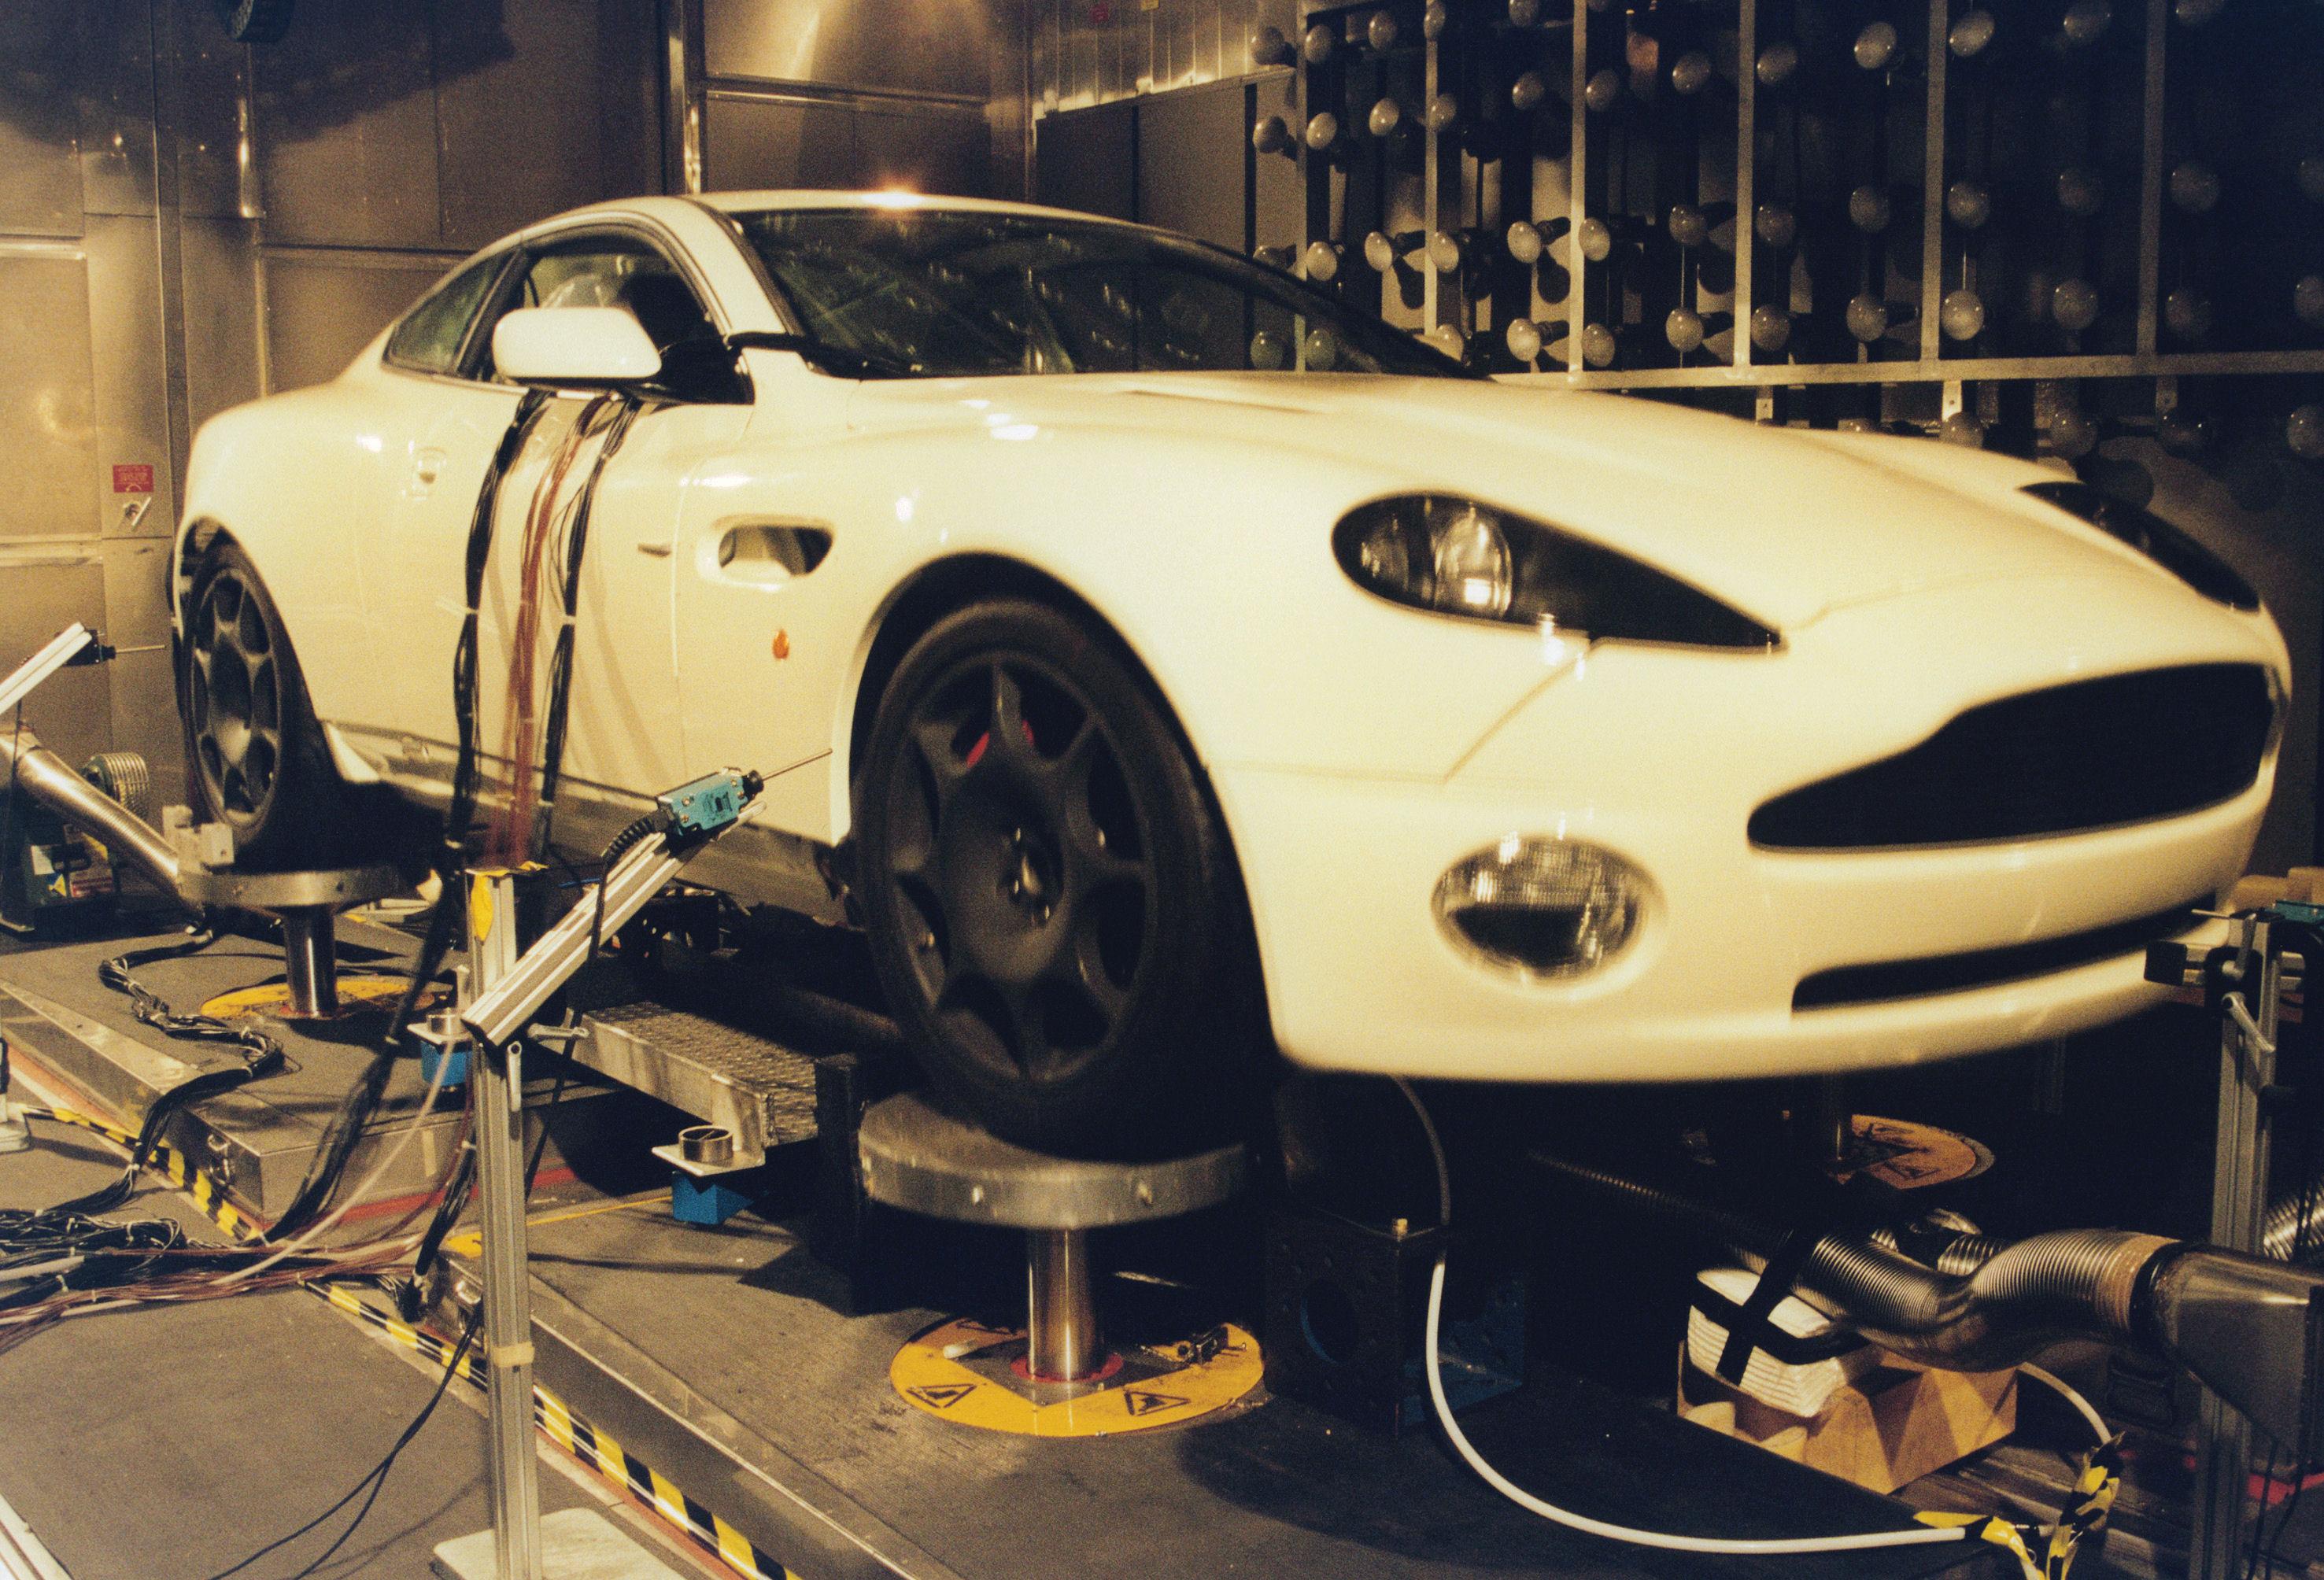 Aston MARTIN V12 Vanquish 01-07 Workshop parti /& OBD Manuale Set ristampa